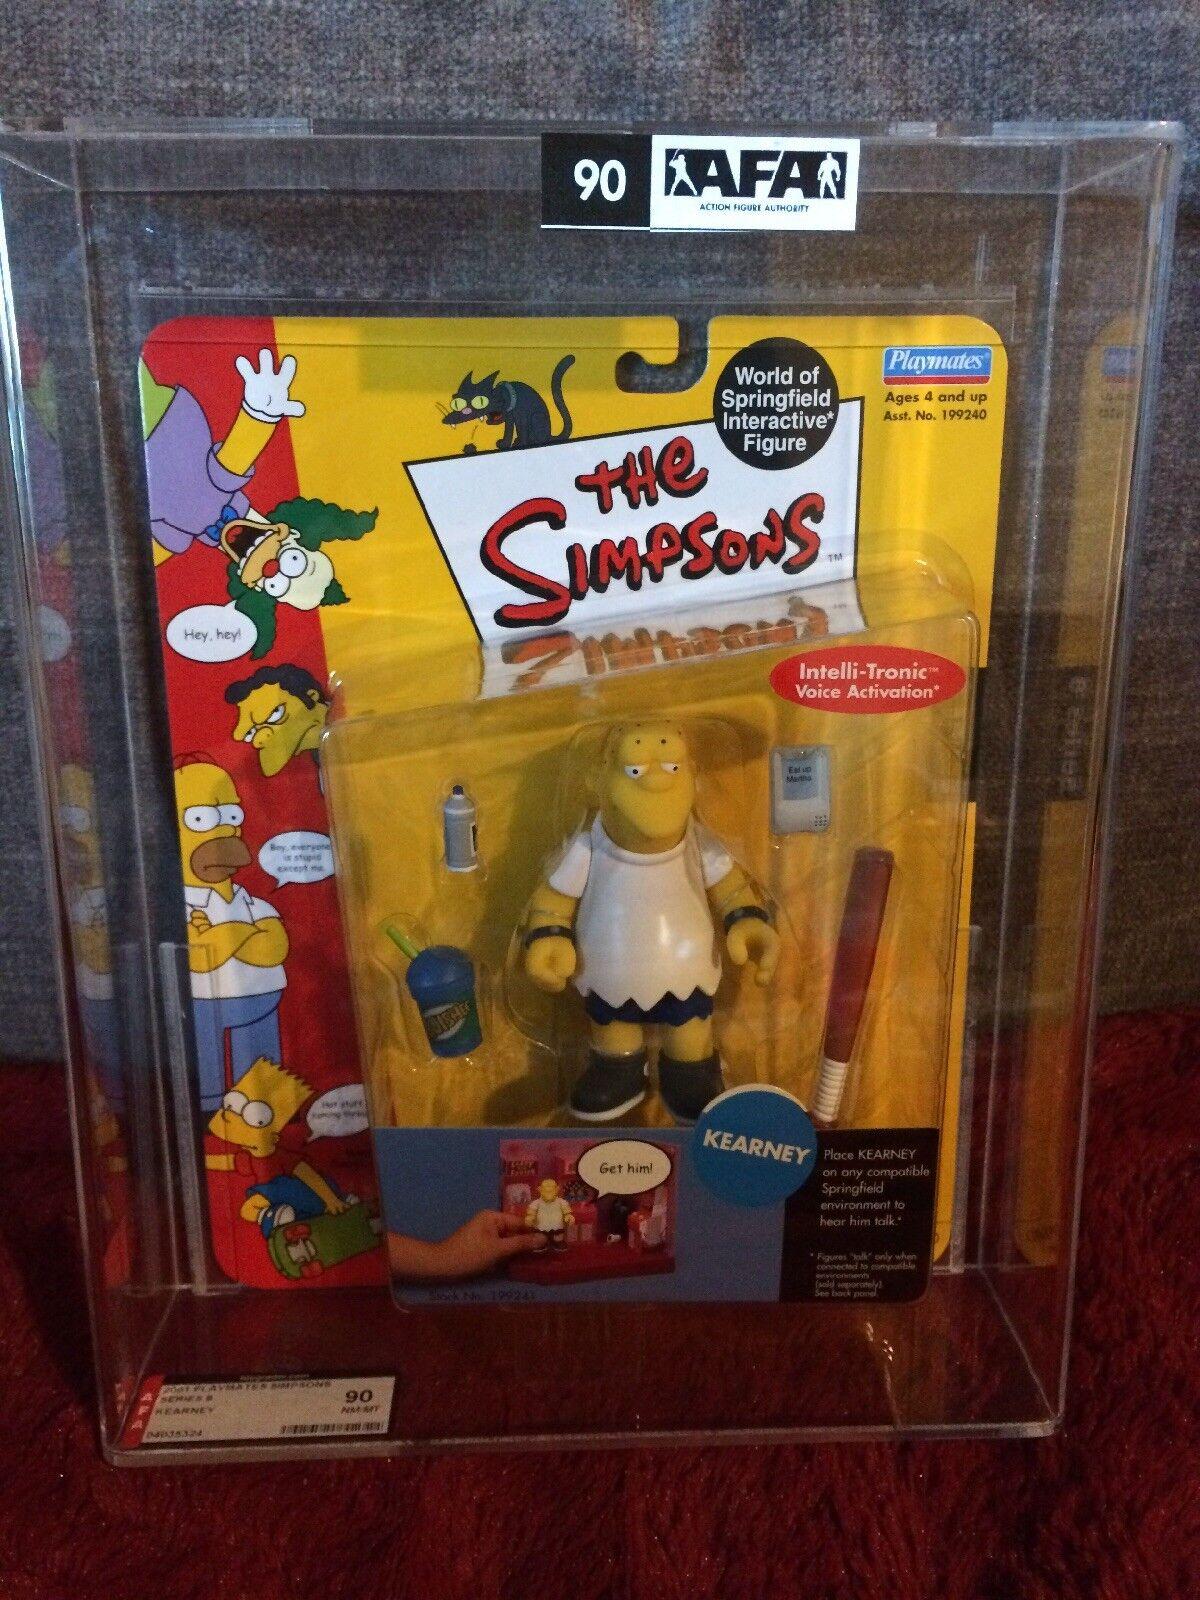 Simpsons Playmates Series 8 WOS Figure afa 90 Kearney